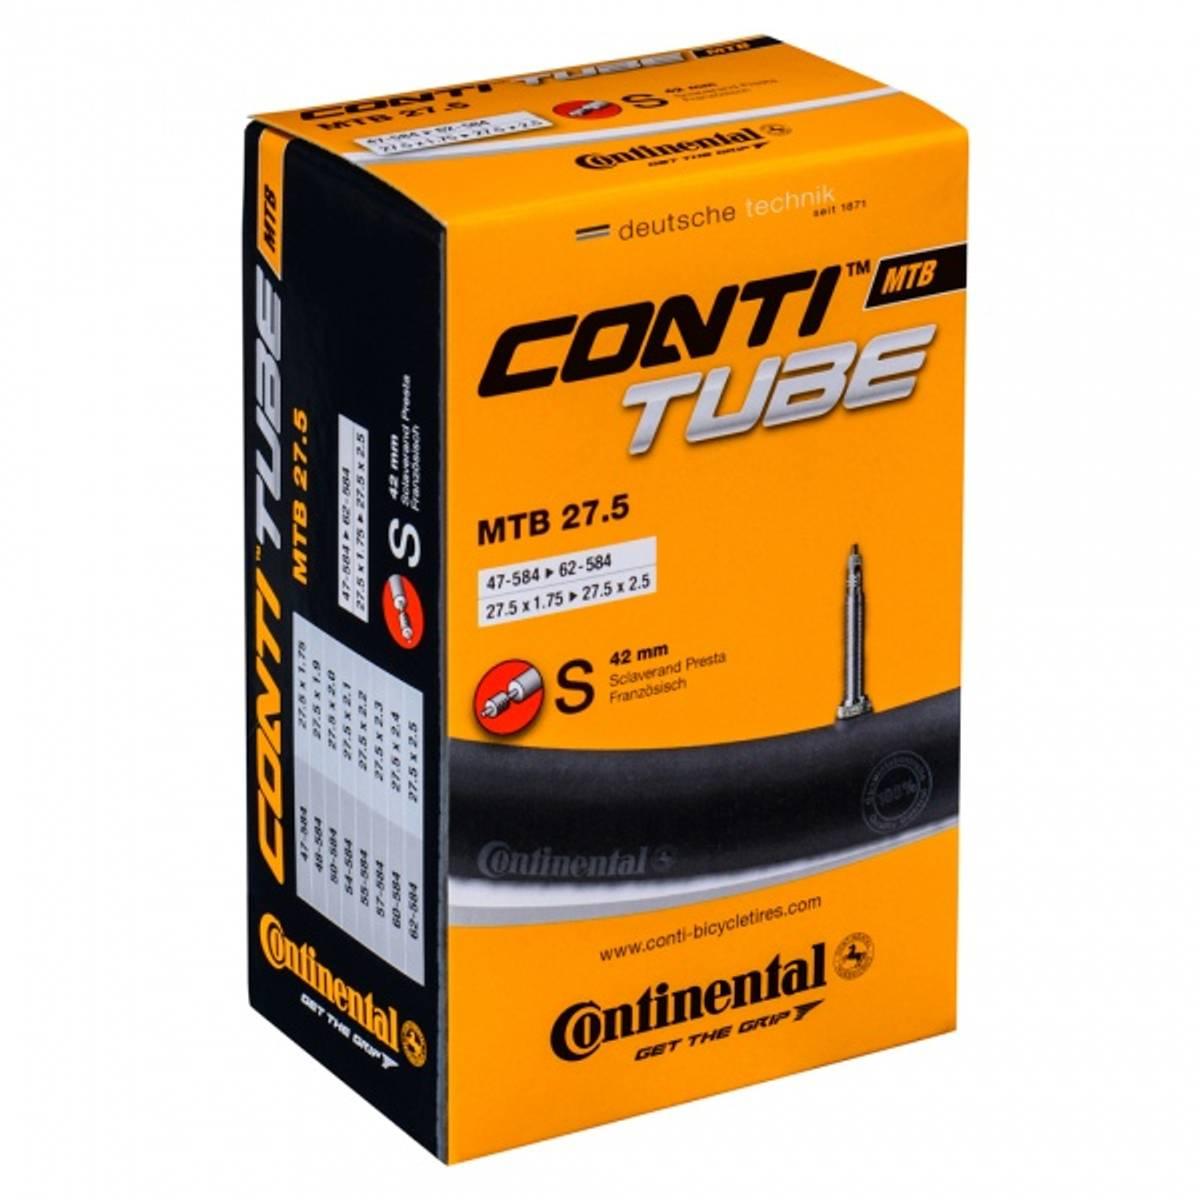 Continental MTB SV40 27,5 x 1,75-2,50